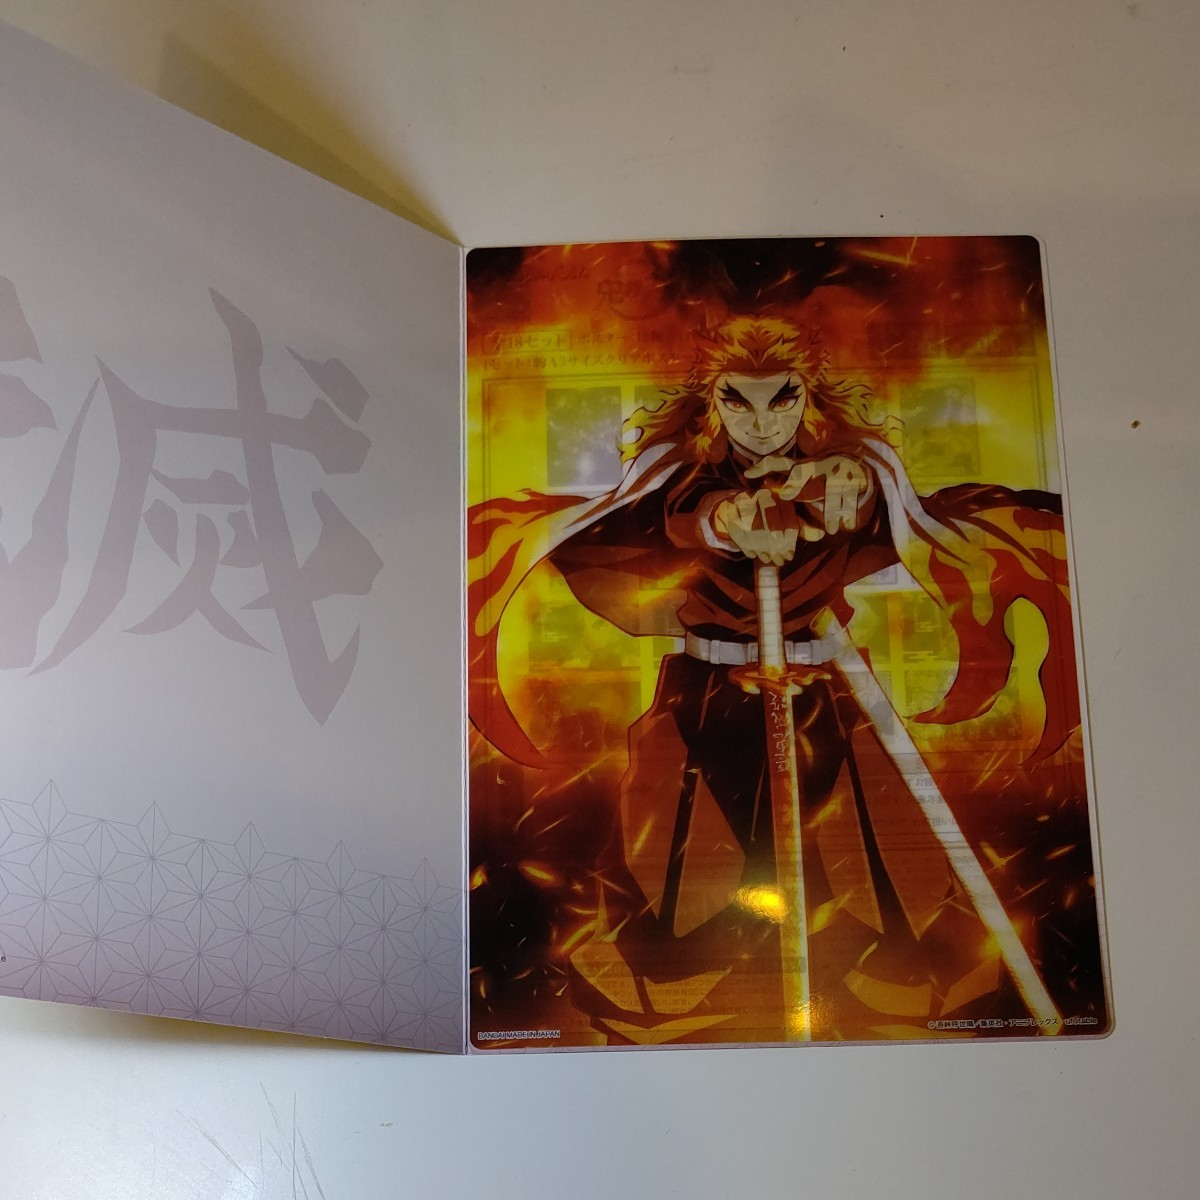 鬼滅の刃 煉獄杏寿郎 クリアビジュアルポスター カードダス